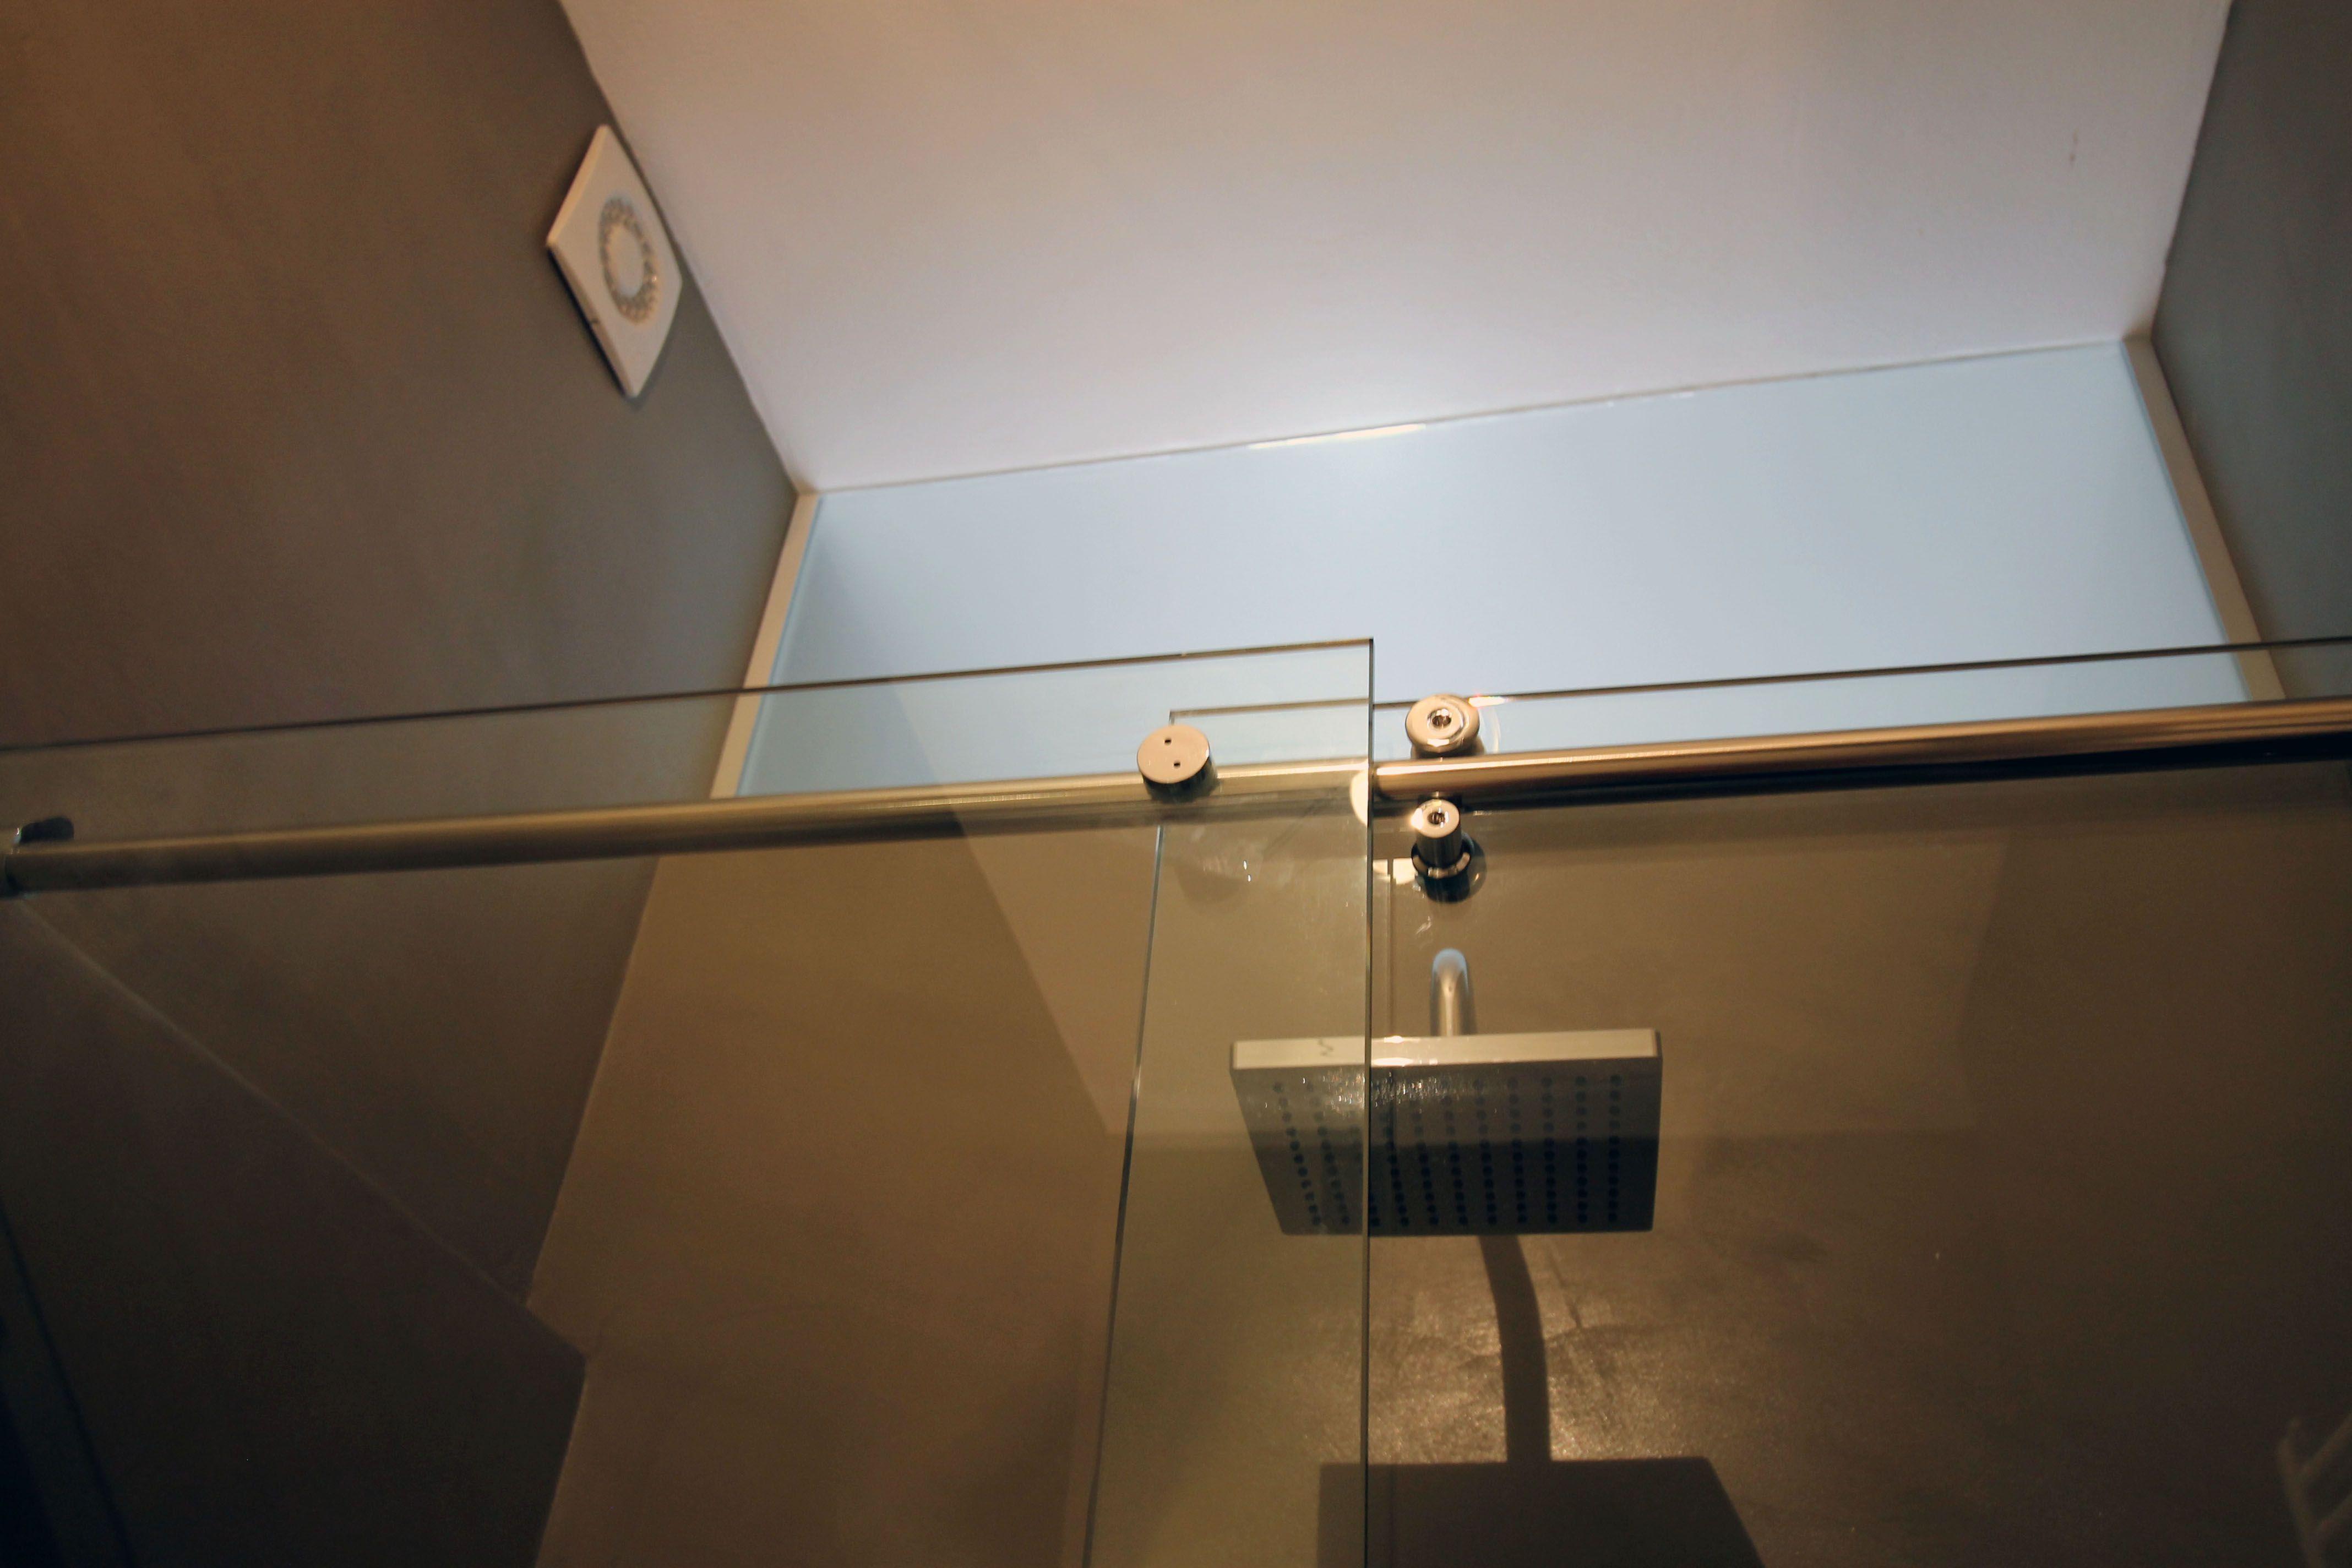 Come illuminare bagno cieco bagni illuminazione bagno bagno e